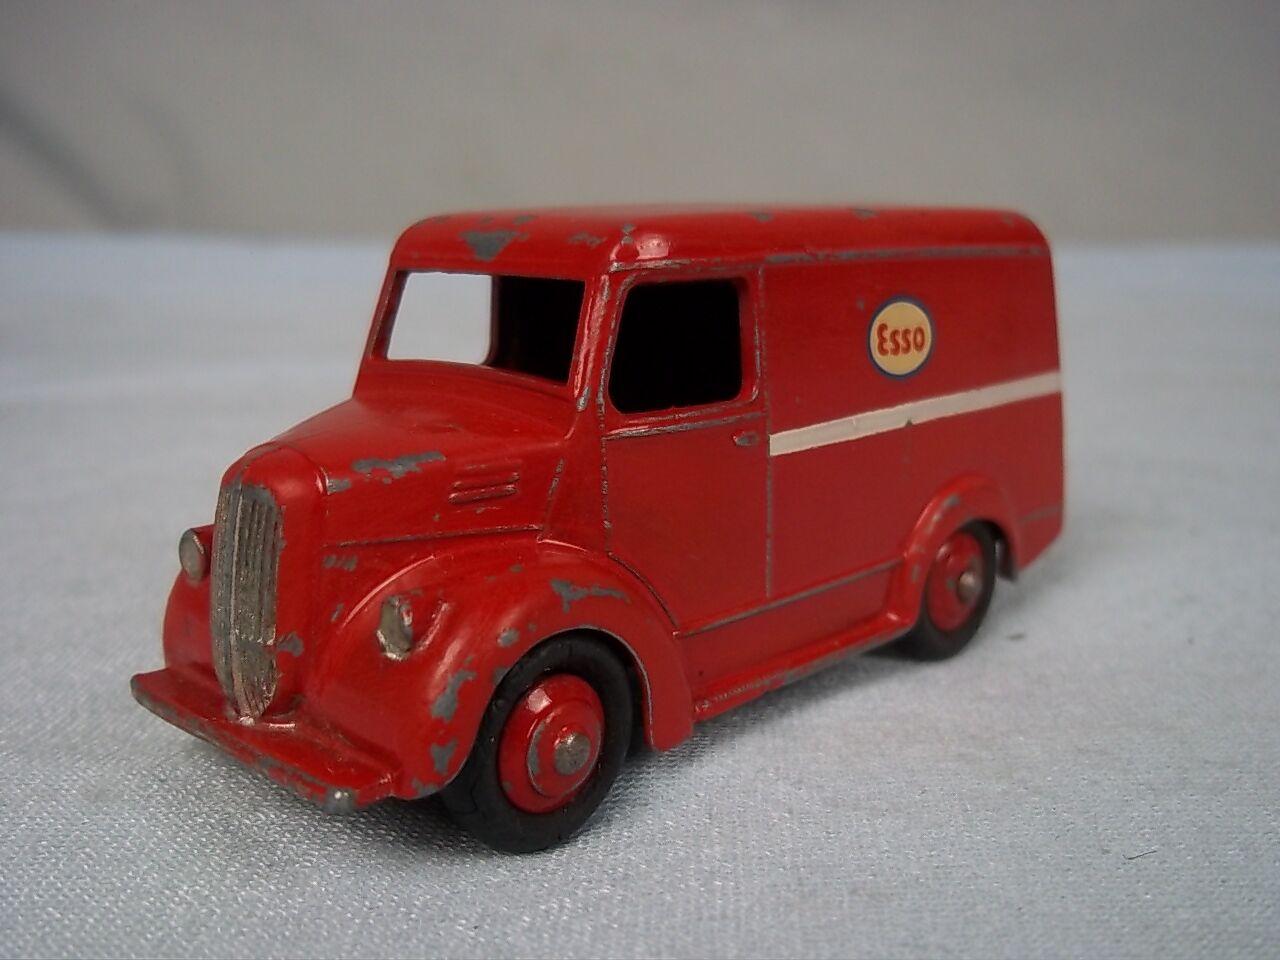 Schäbiges spielzeug 1954-57 nr. 450 450 450 rote trojaner  esso  lieferwagen 023244